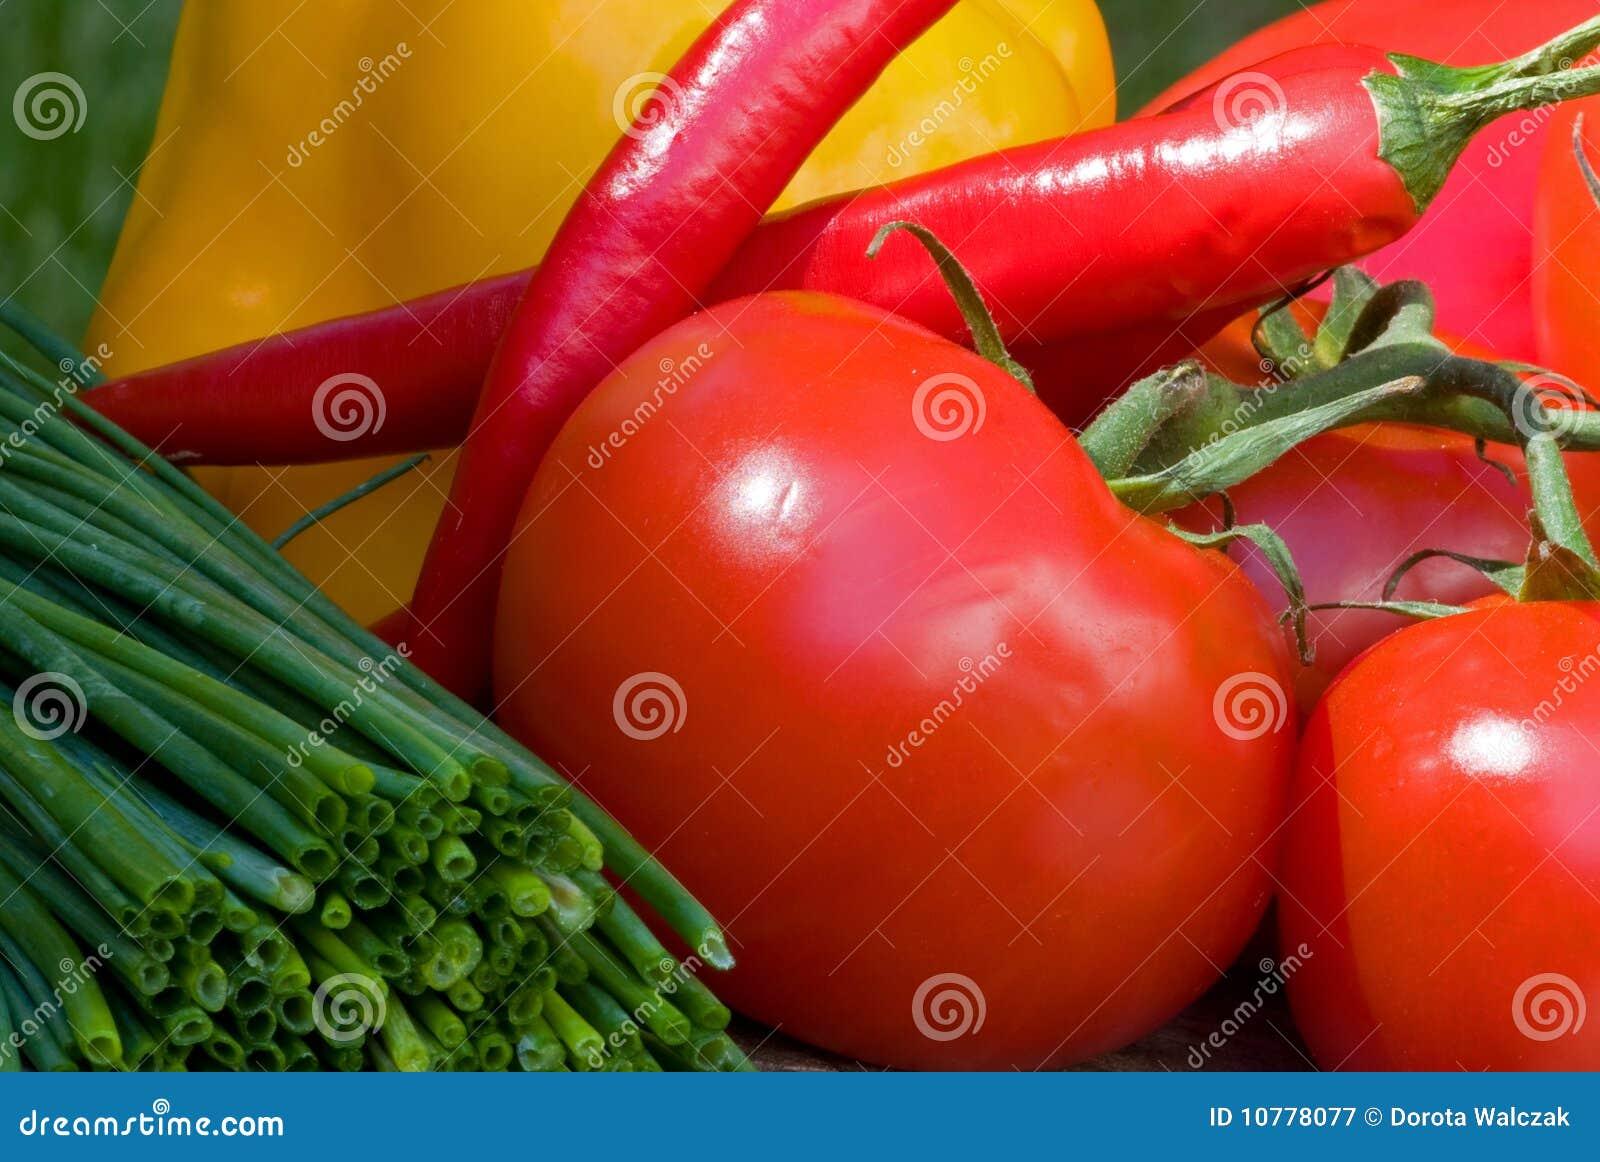 De groenten van de zomer